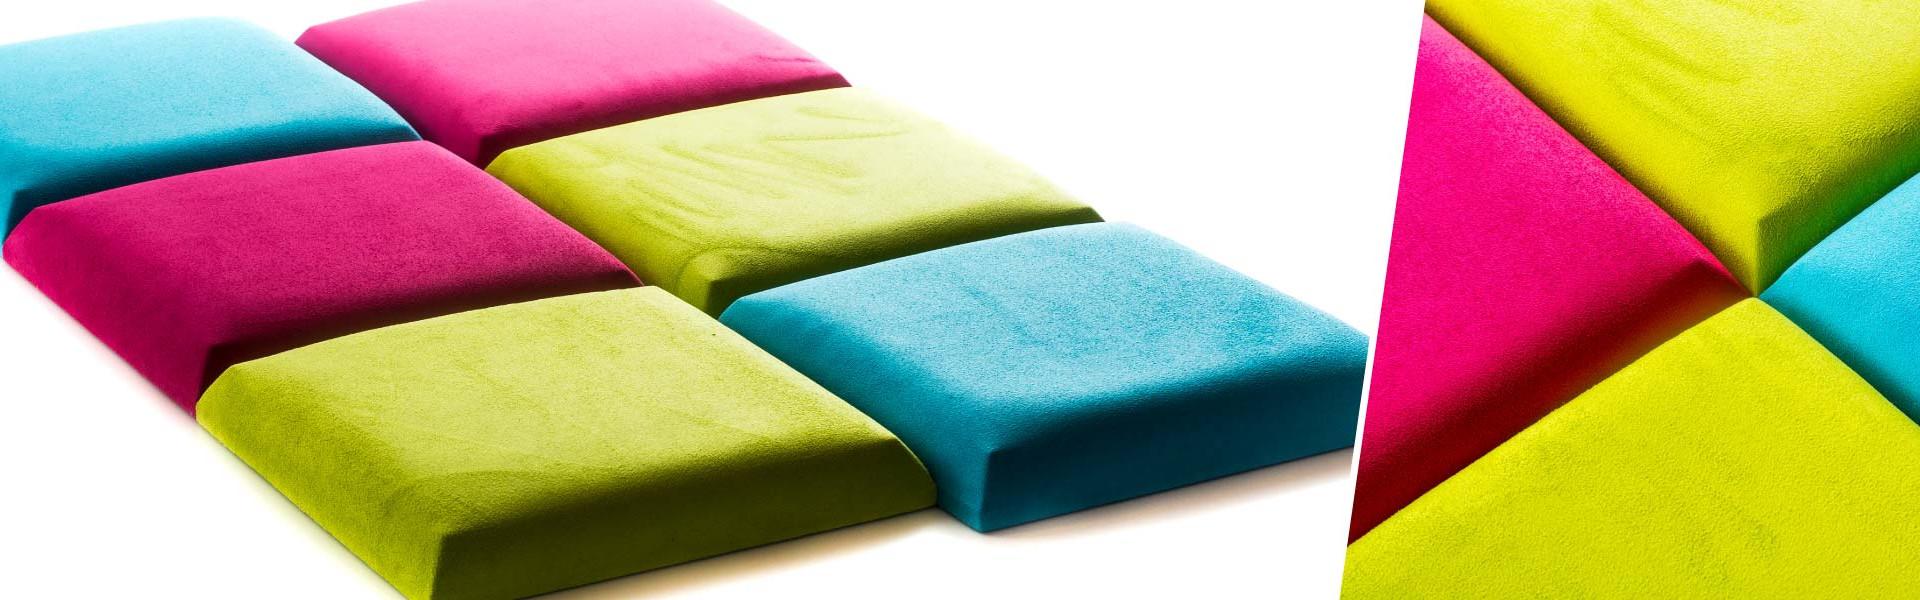 artnovion-product-loa-absorber-range-258